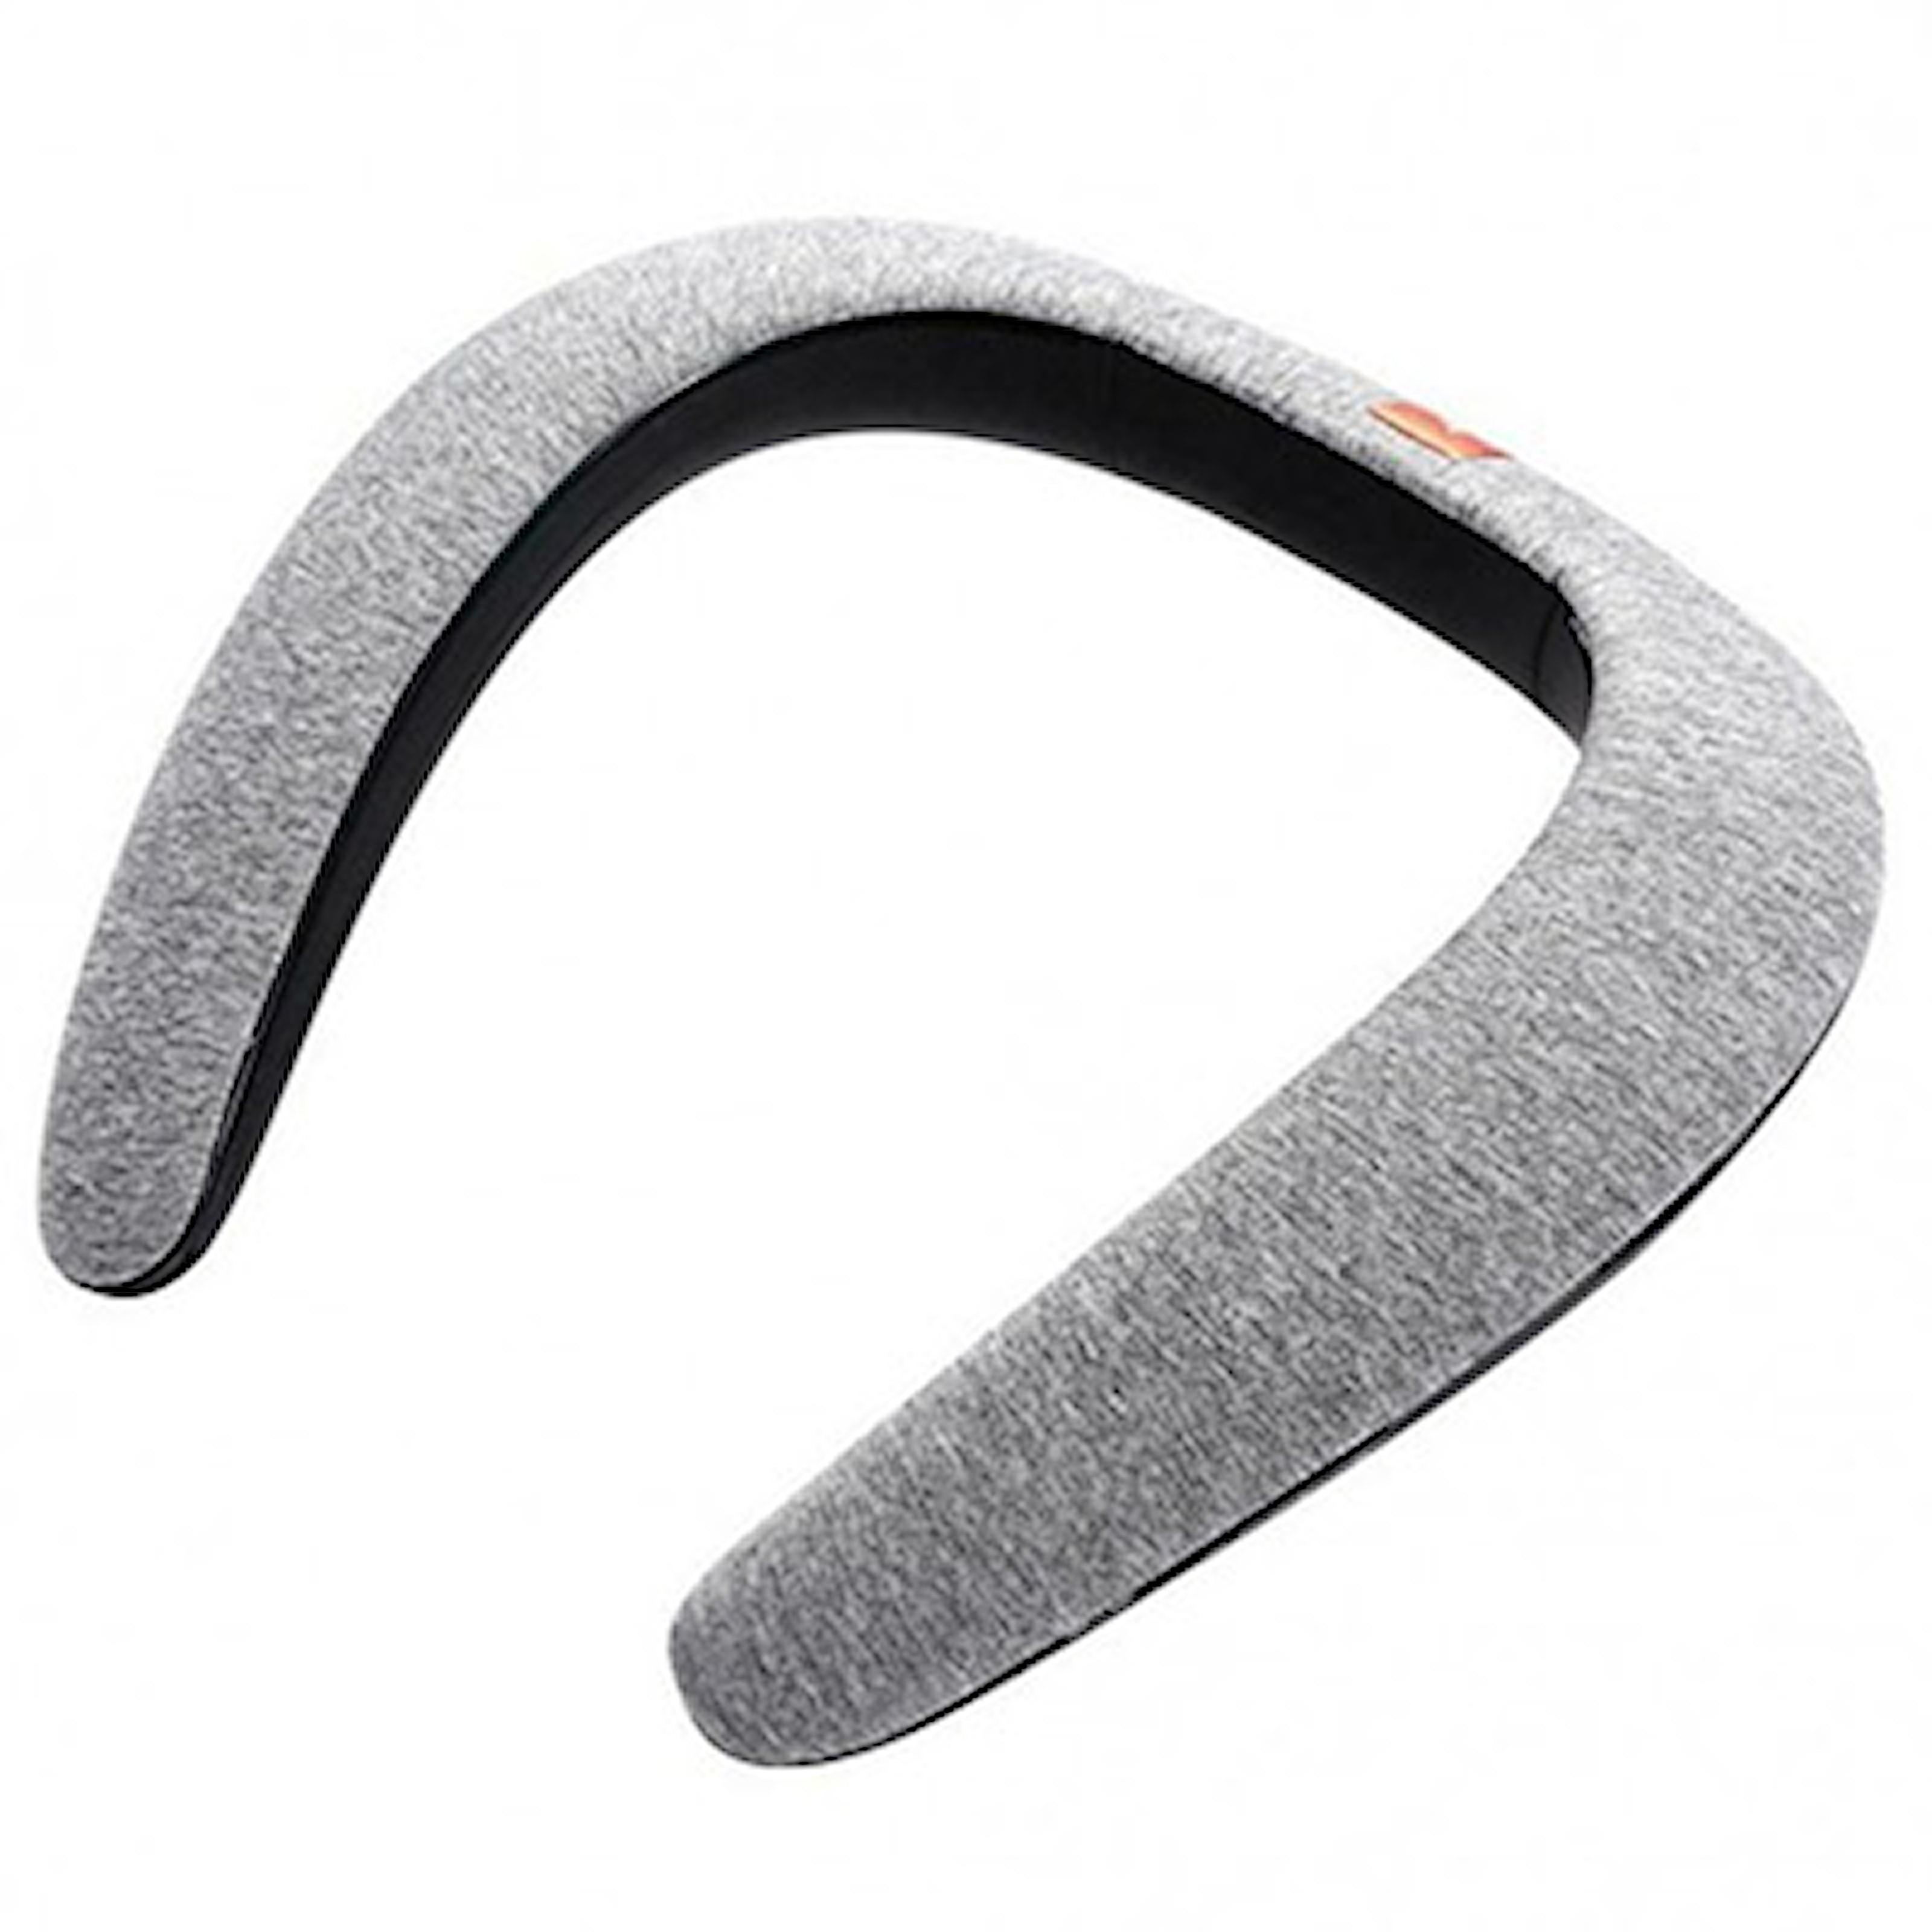 Grå, Portable Neck Bluetooth Speaker, Bluetooth-högtalare för nacken, ,